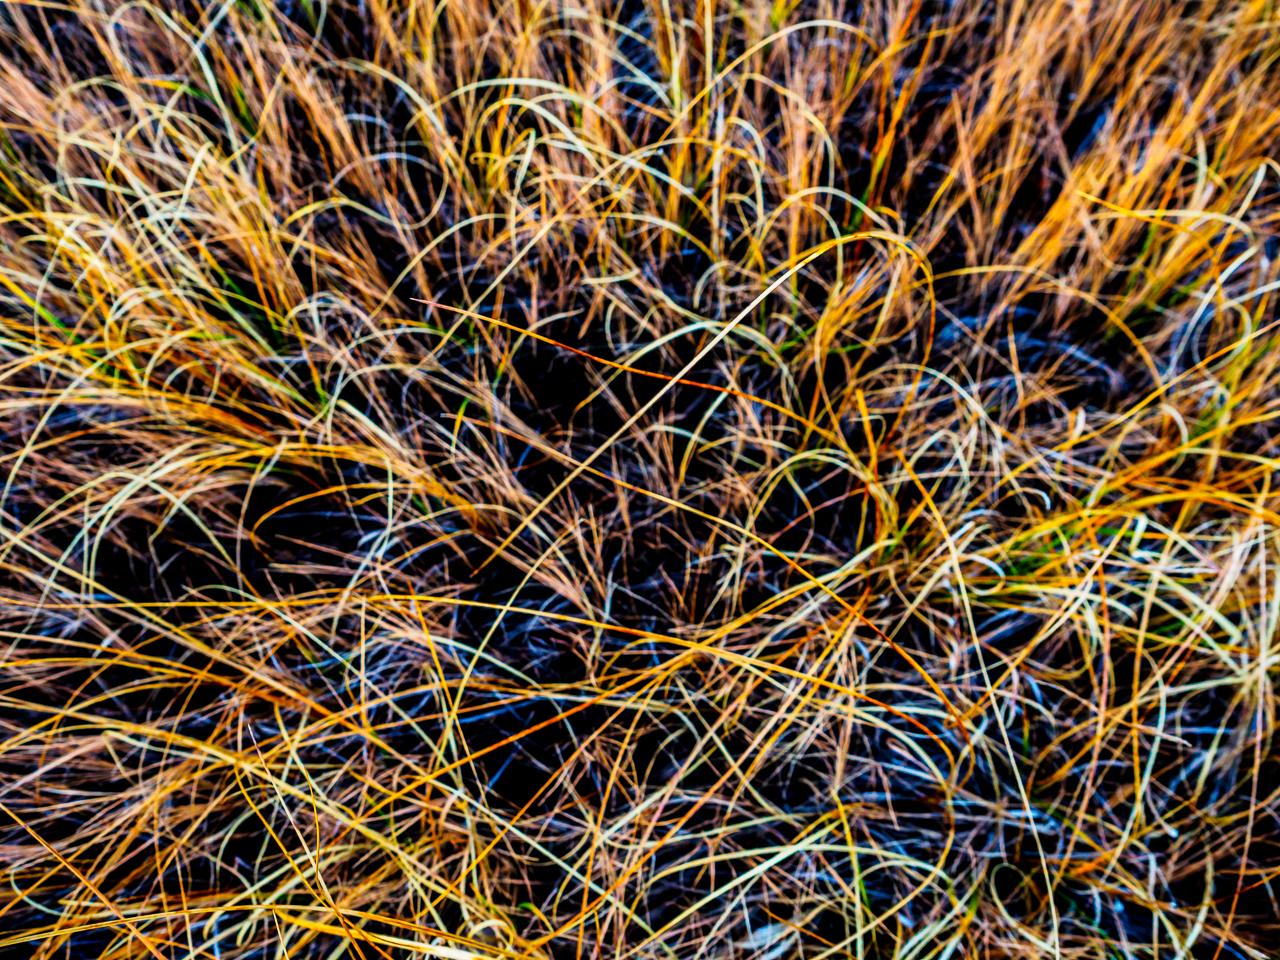 blades-of-grass-040086